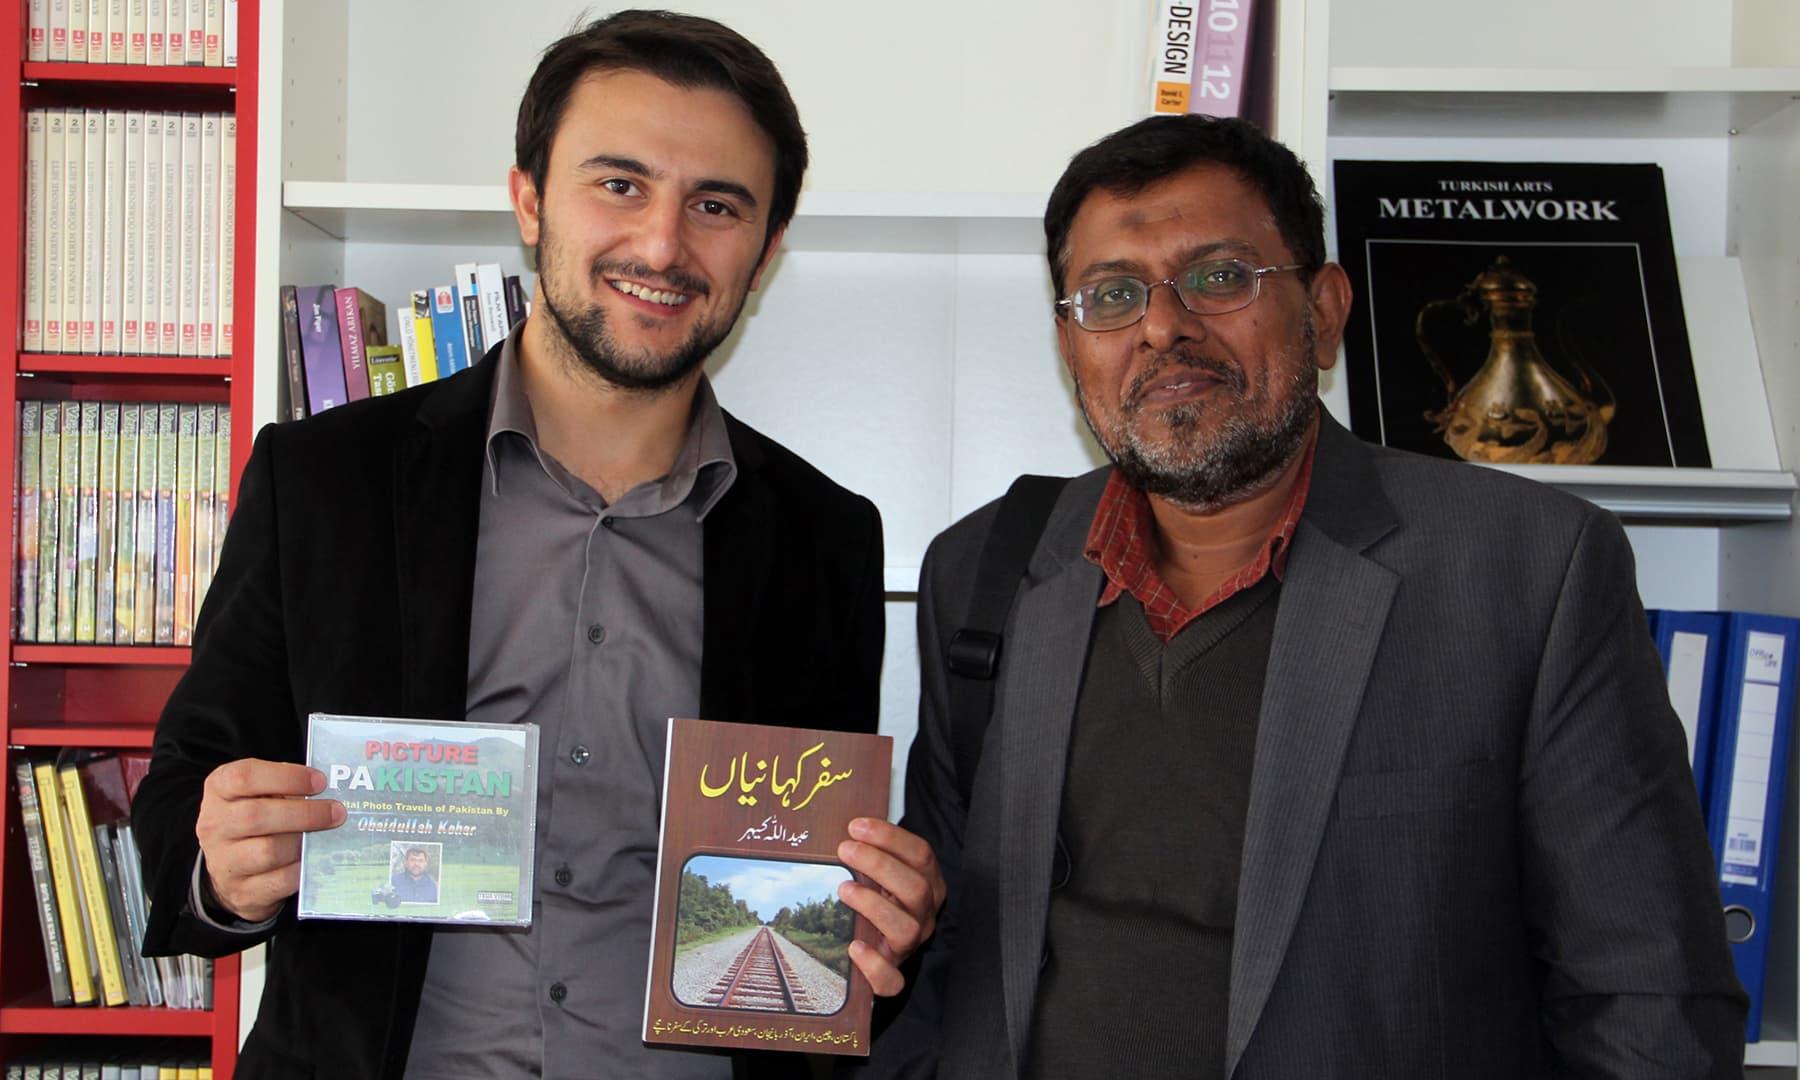 'ترکی میں اردو تدریس کے سو سال' کی تکمیل پر ایک انٹرنیشنل سمپوزیم کے موقعے پر میری کتاب کی تقریب رونمائی بھی ہوئی—تصویر عبیداللہ کیہر